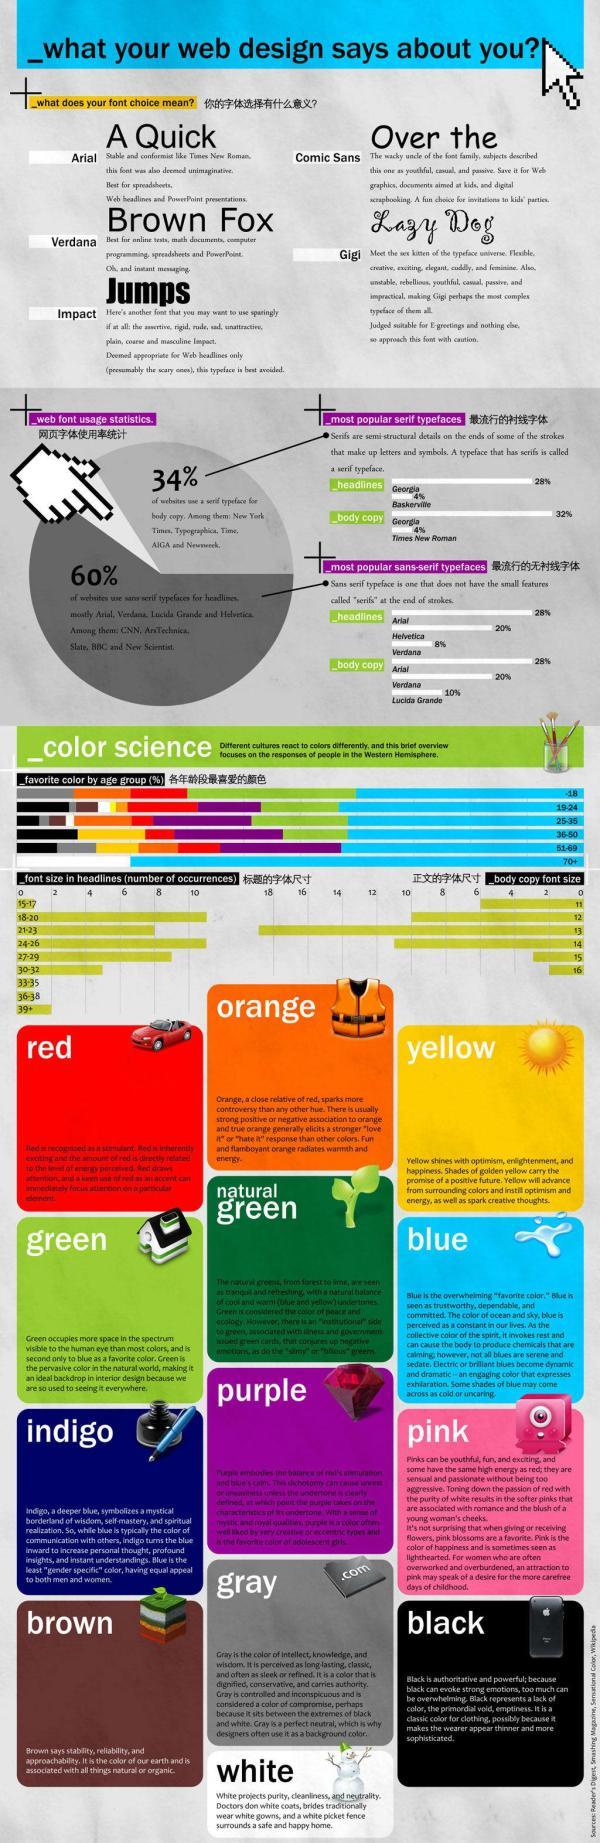 10 Illustrations Create the Best Graphic Designer5